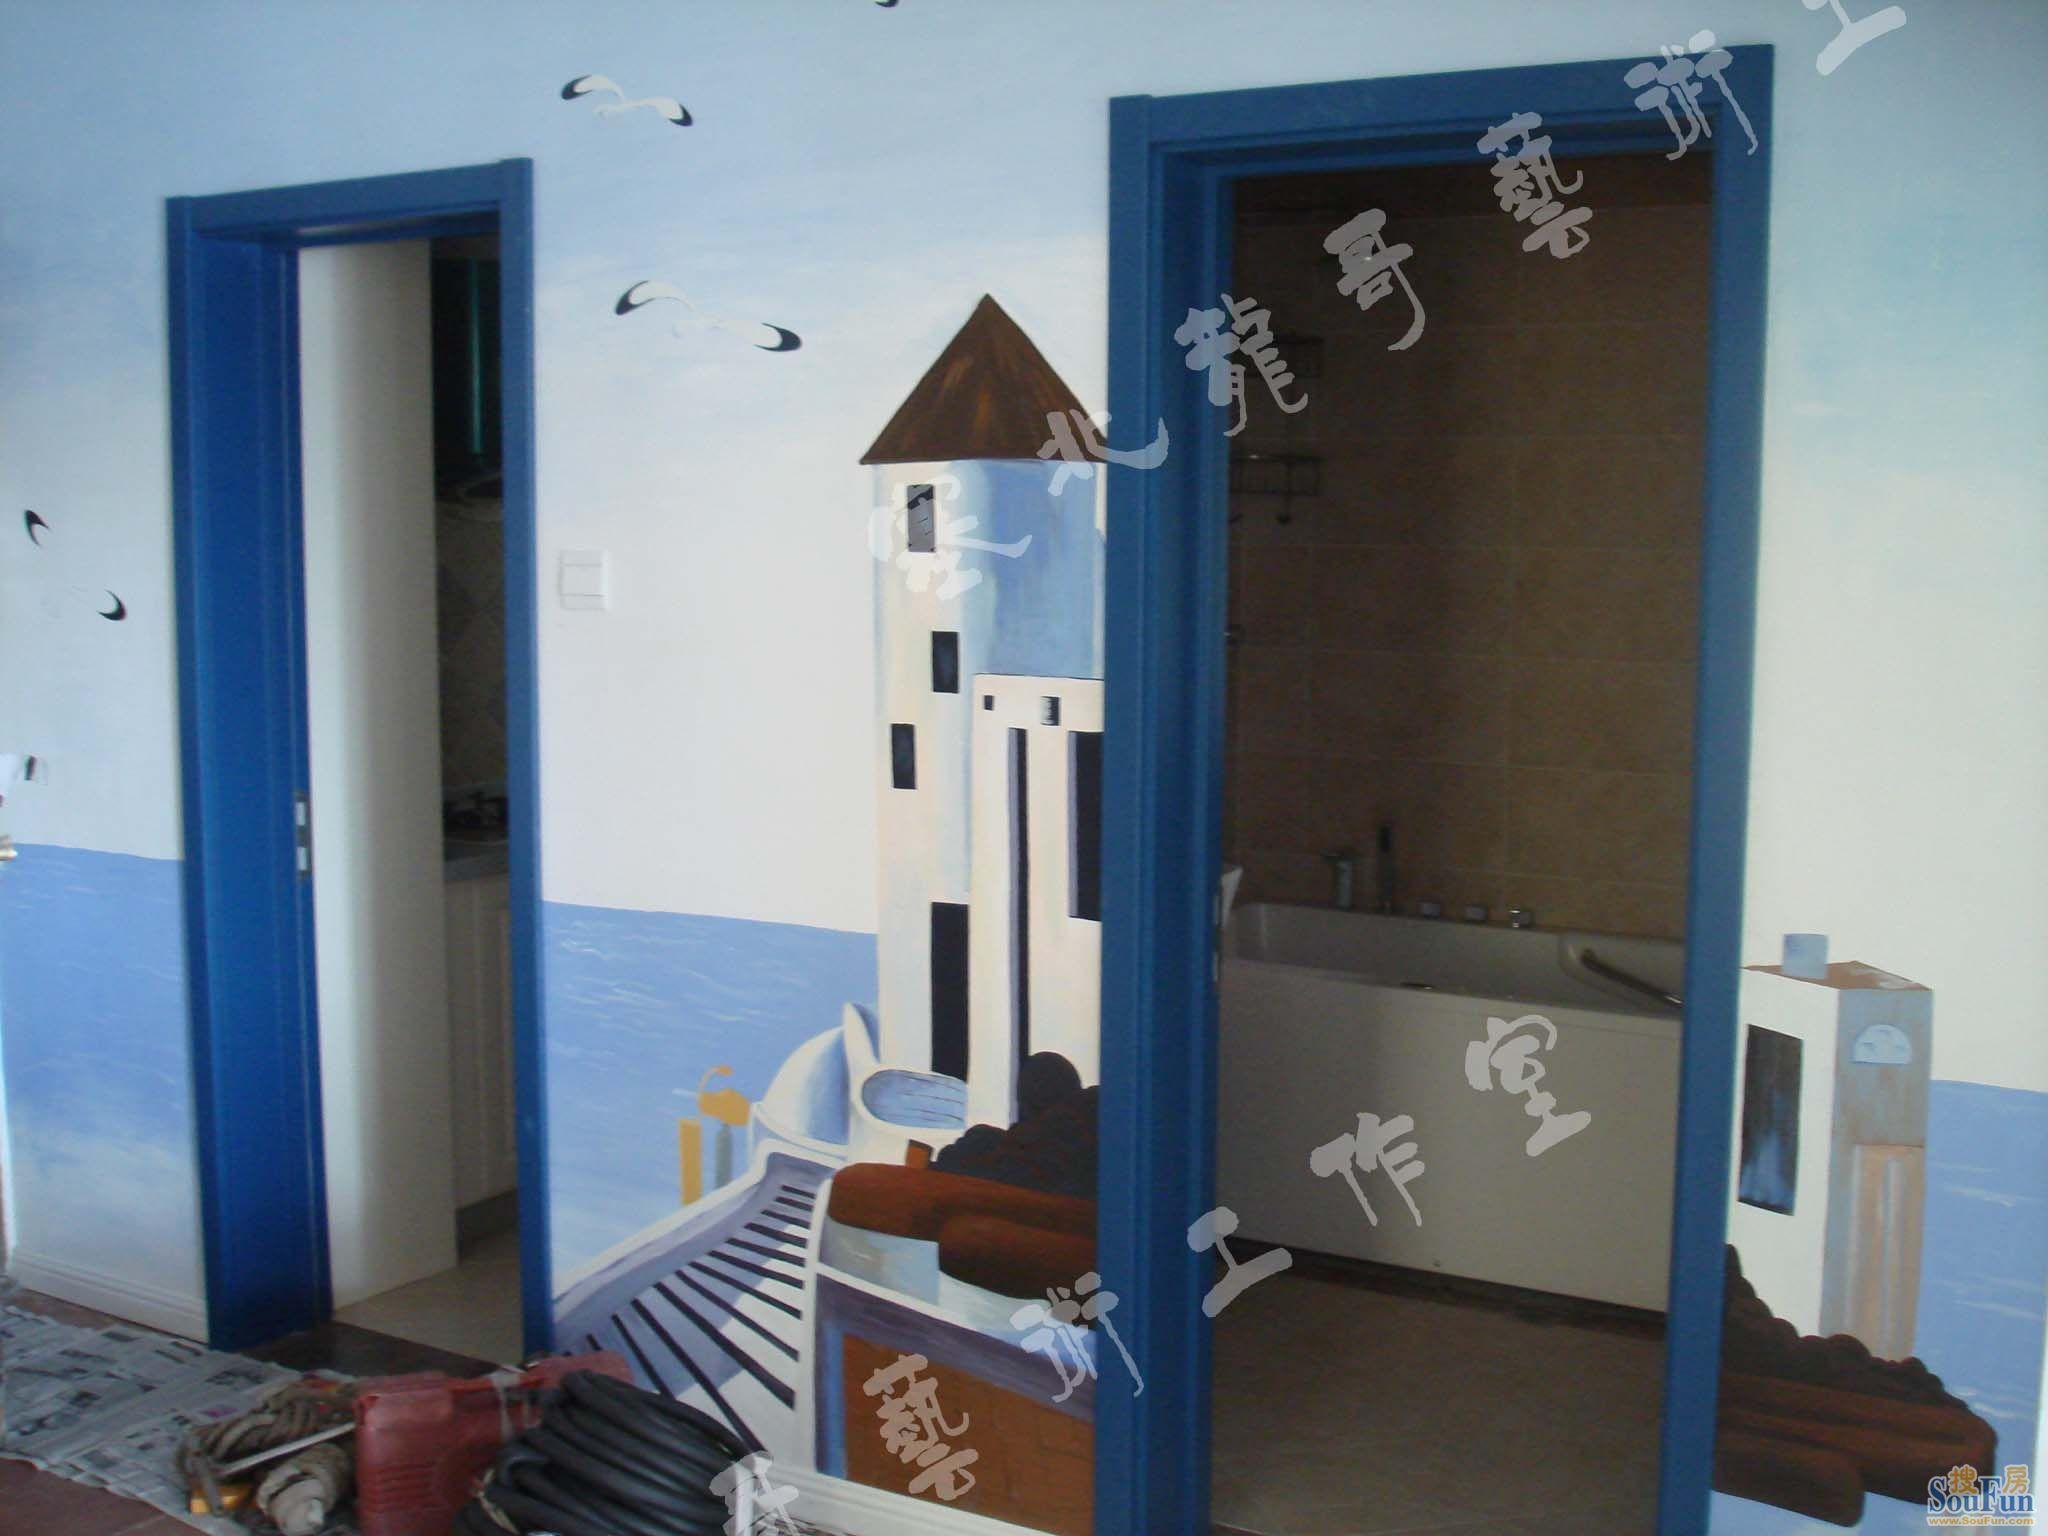 艺术生活地中海风格墙绘手绘墙墙艺漆